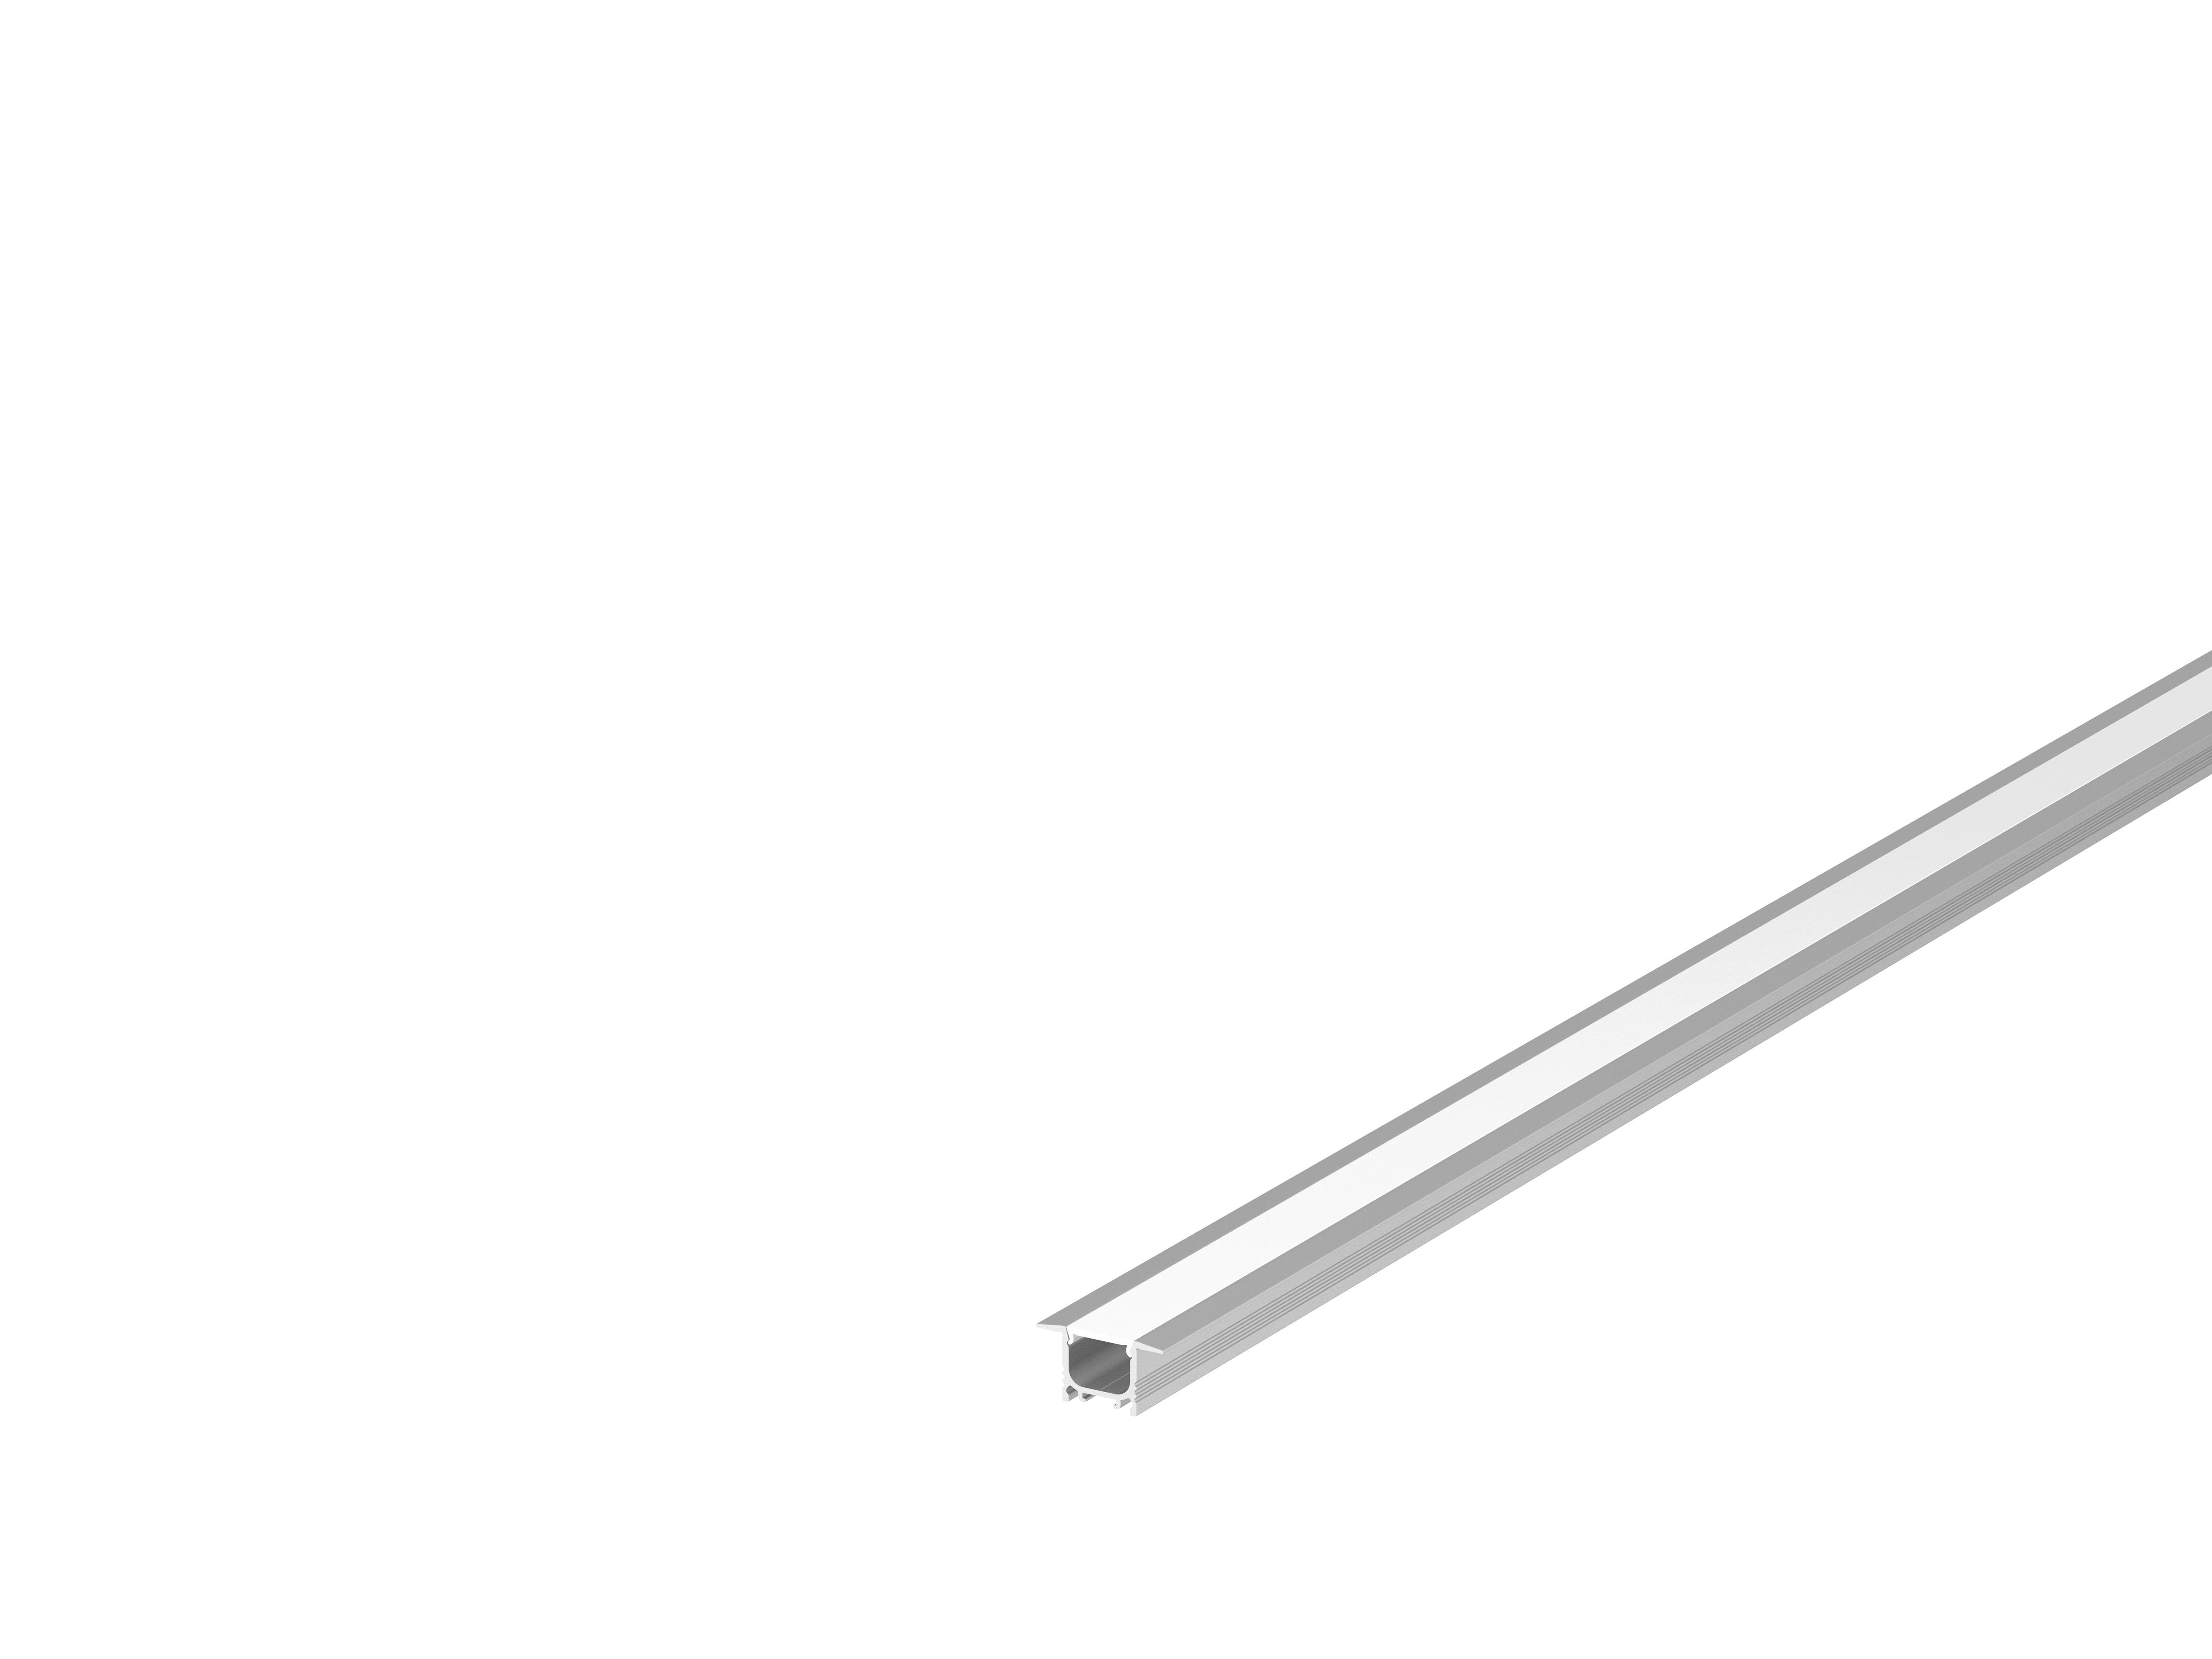 Bandeau Led Encastrable Plafond slv 1000457 | grazia 10 profil led encastré, 2m, alu anodisé